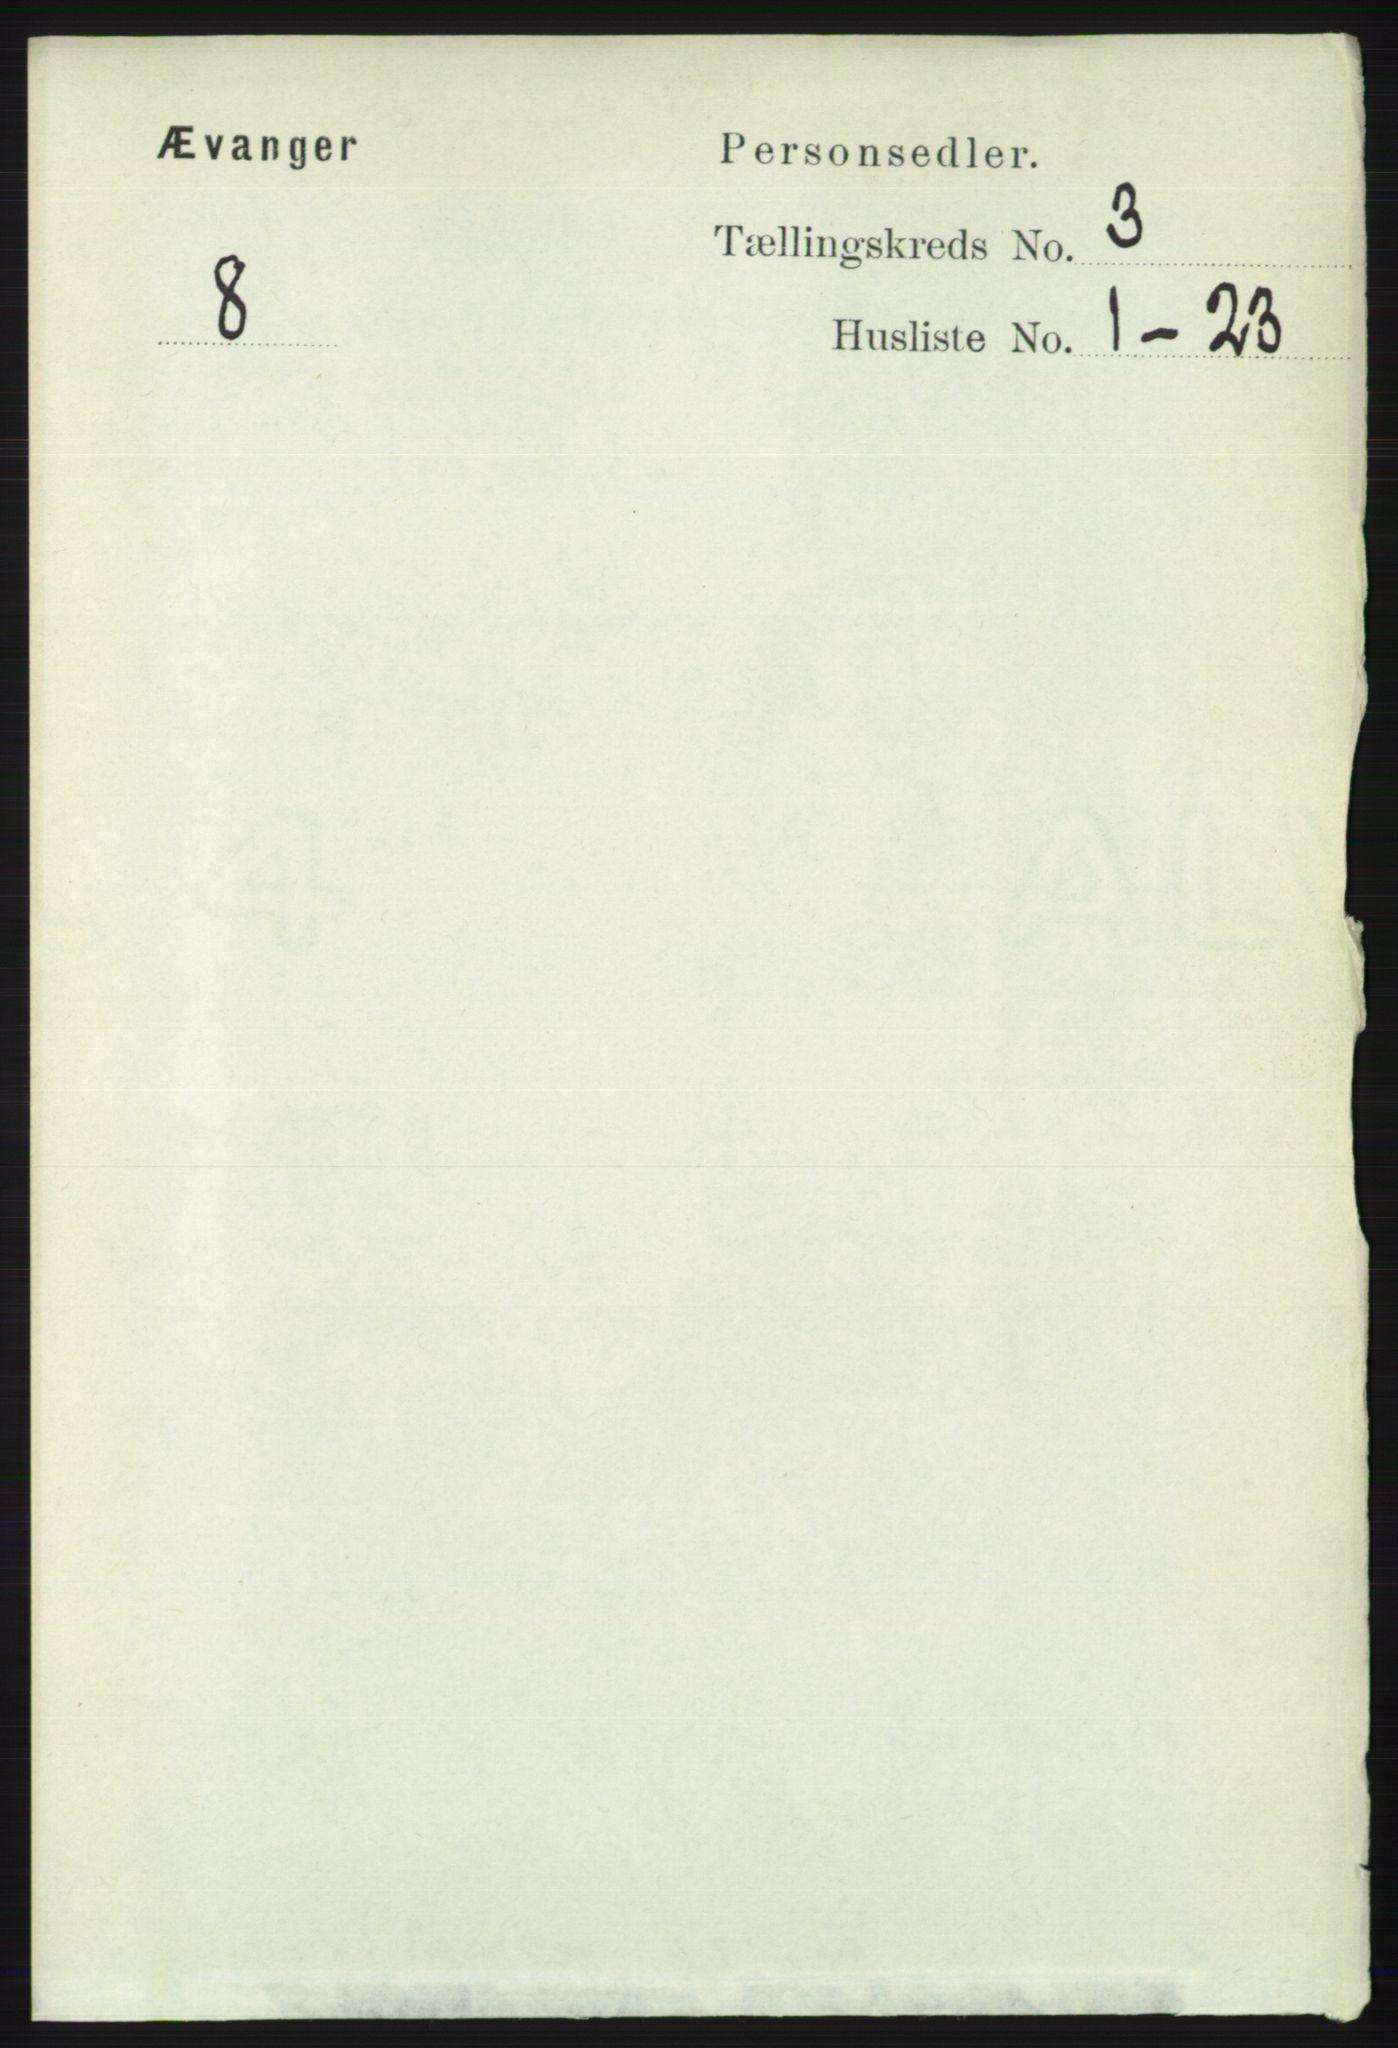 RA, Folketelling 1891 for 1237 Evanger herred, 1891, s. 851